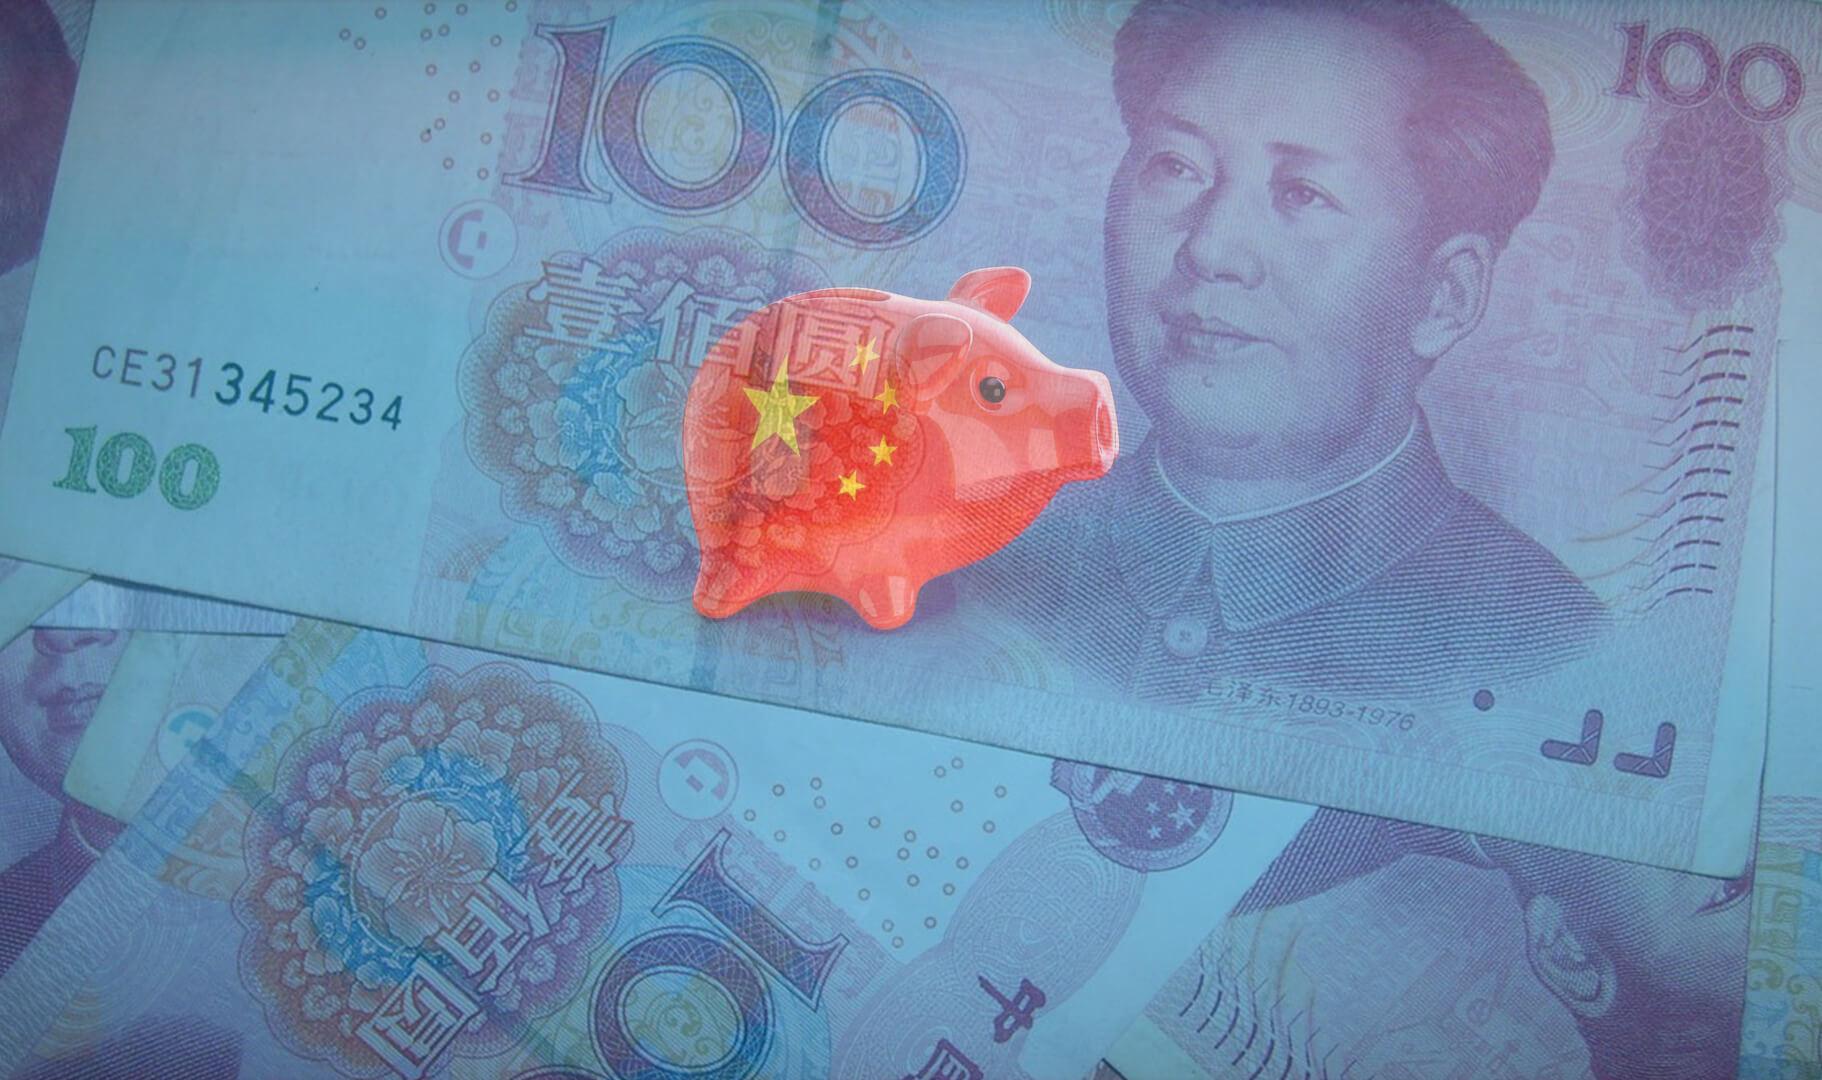 【2020年版】おすすめ「中国送金サービス」3つを徹底比較! | 費用の安さ・送金スピード…ほか